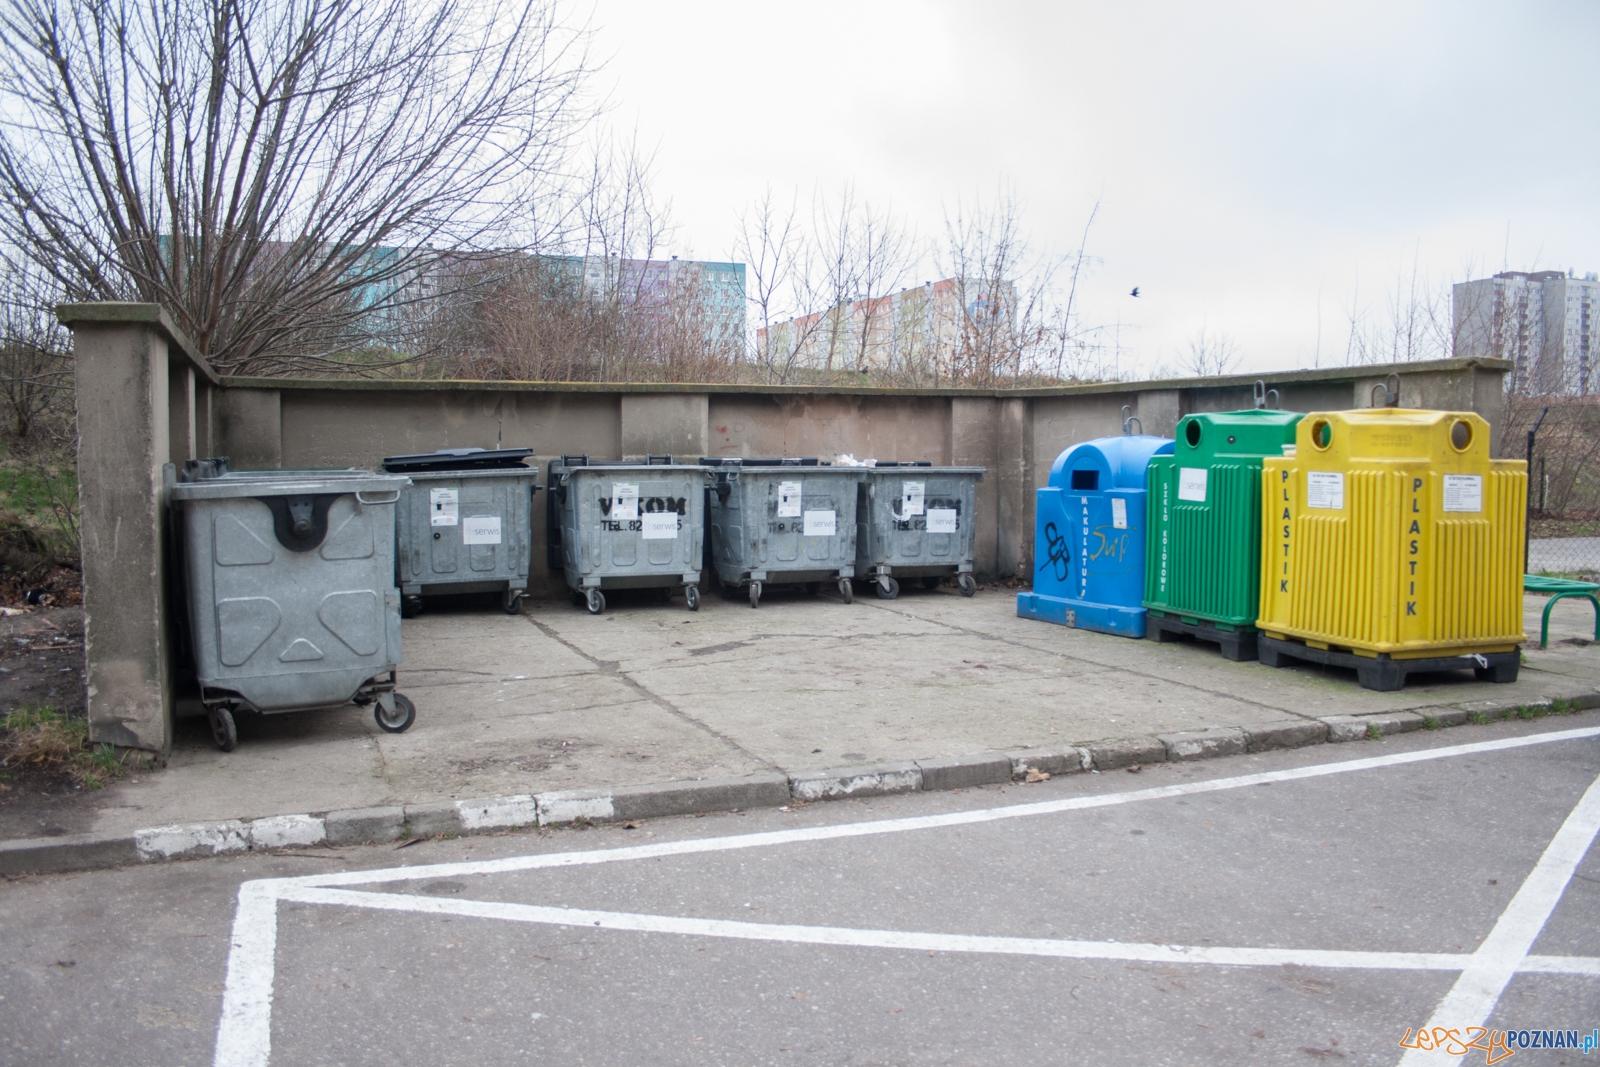 Śmietnik / śmieci  Foto: © lepszyPOZNAN.pl / Karolina Kiraga